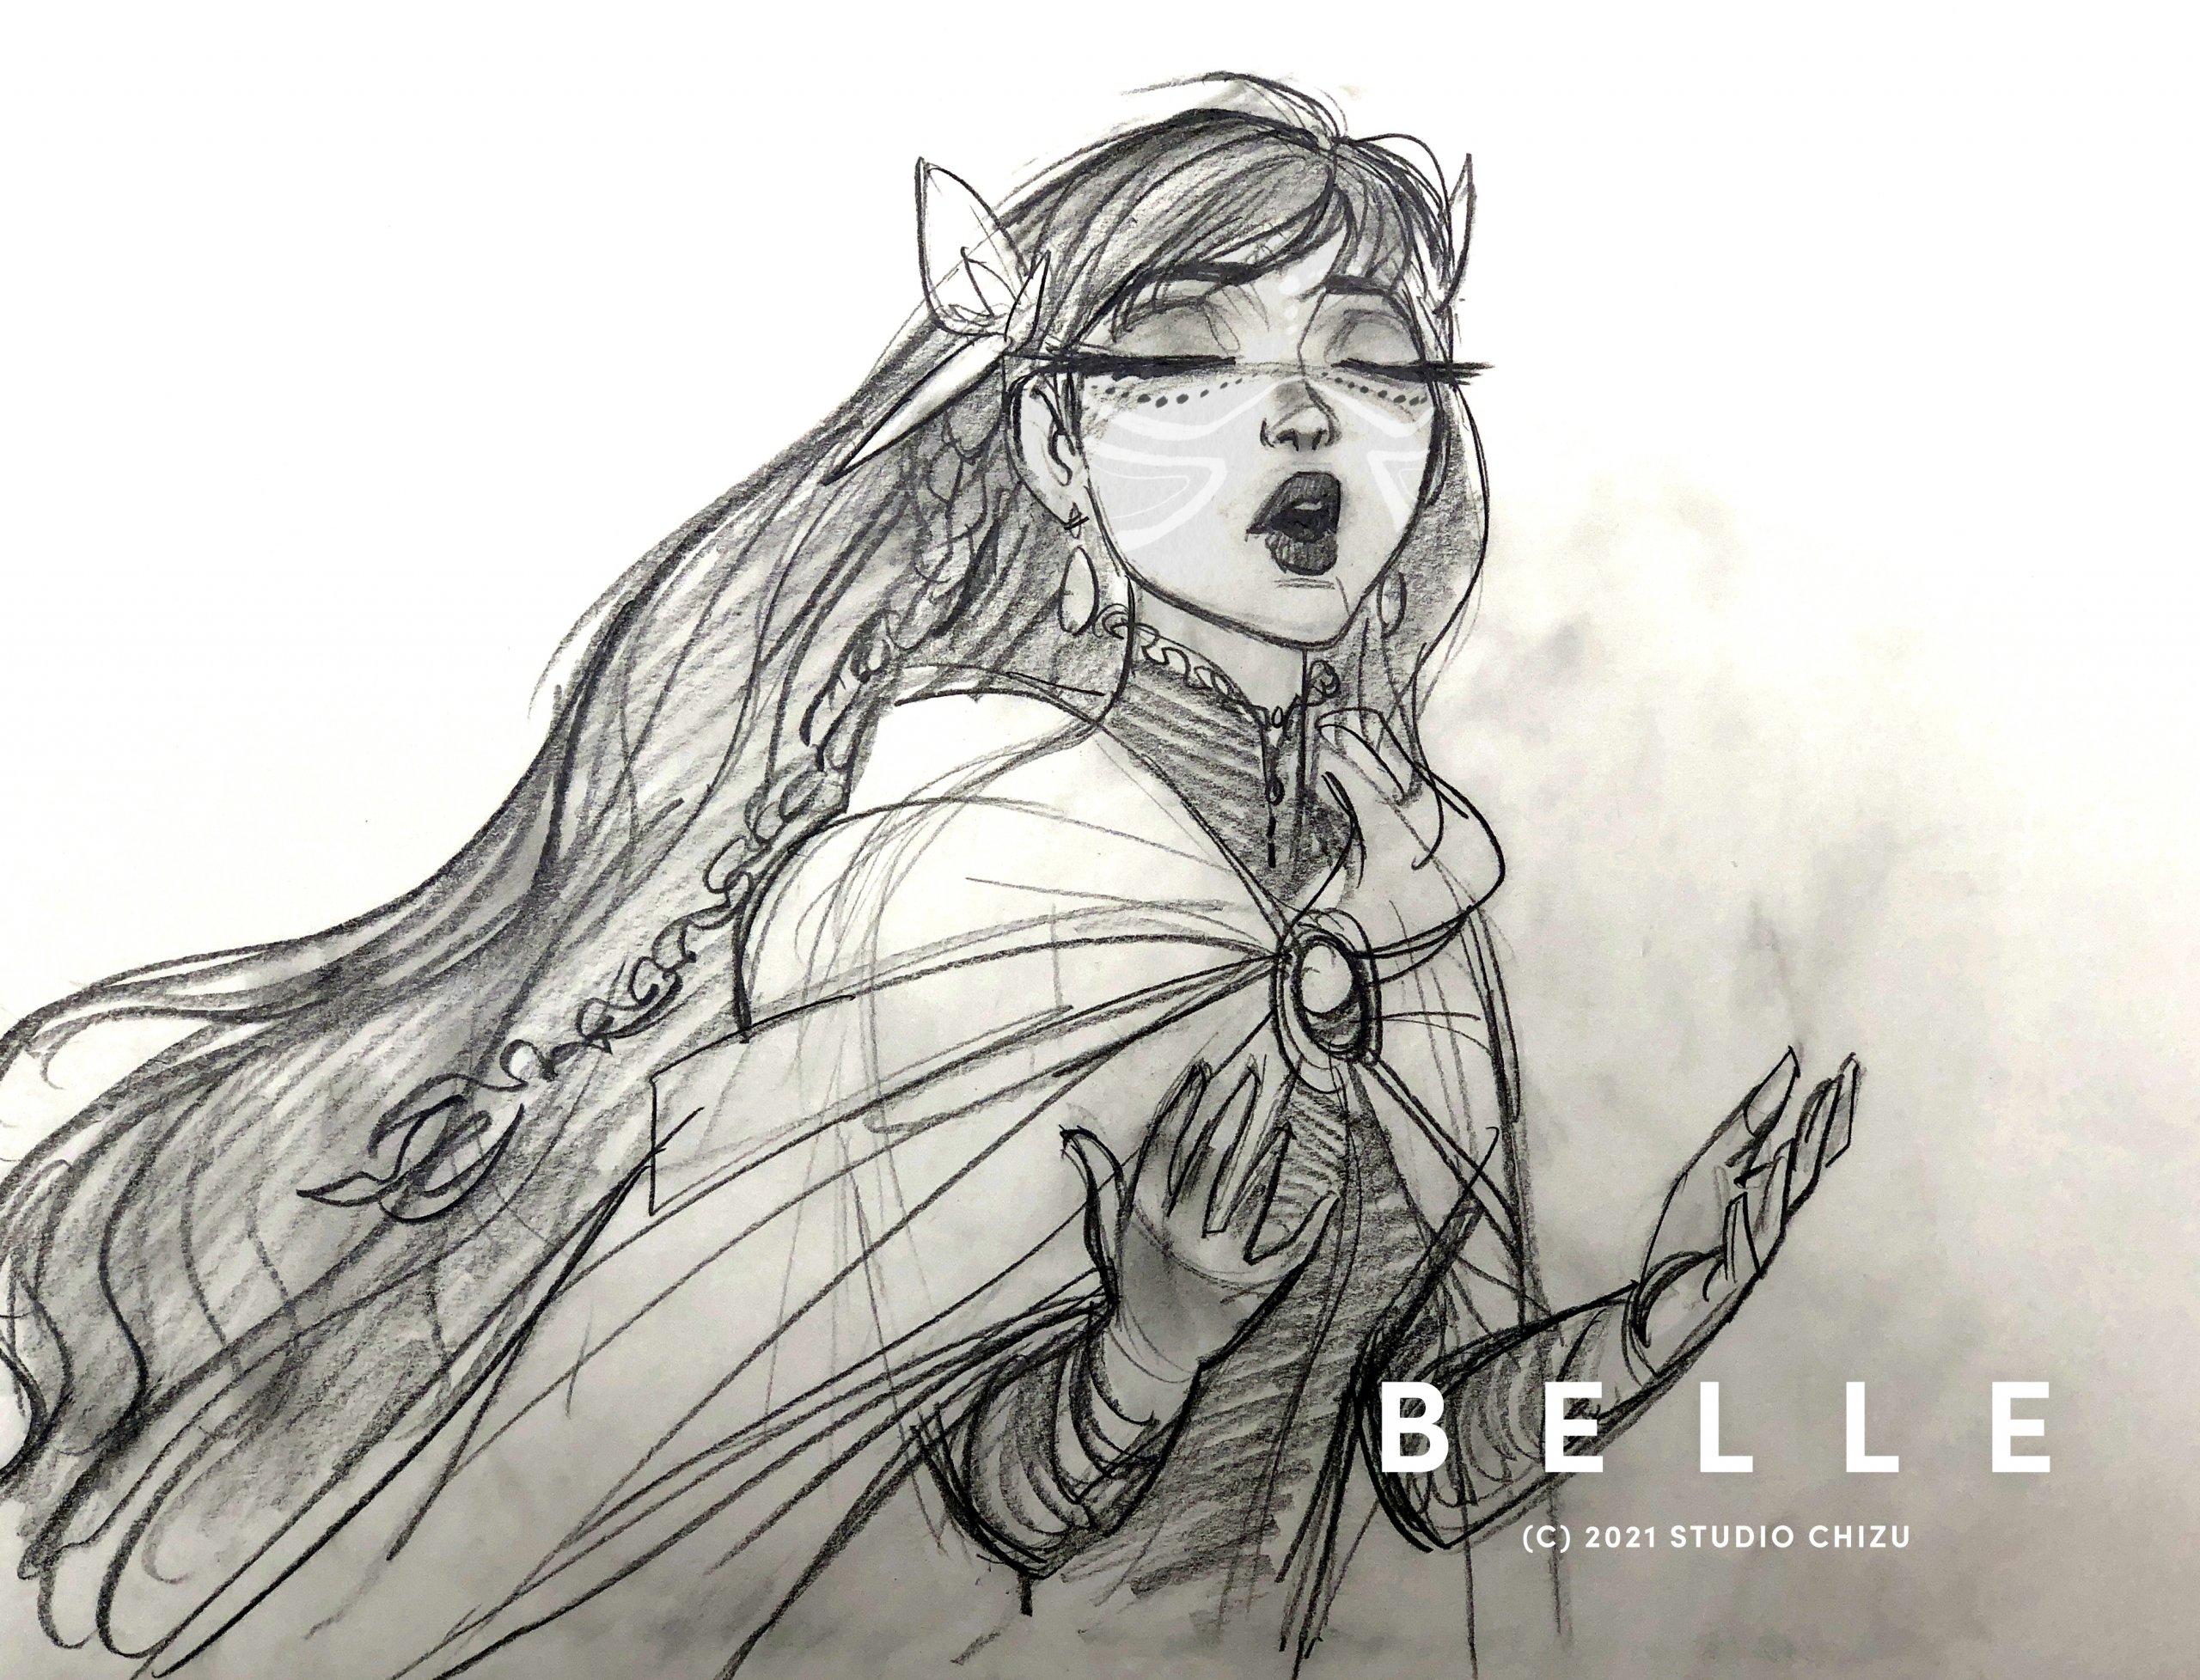 Первый трейлер Belle — нового аниме-фильма Мамору Хосоды 1